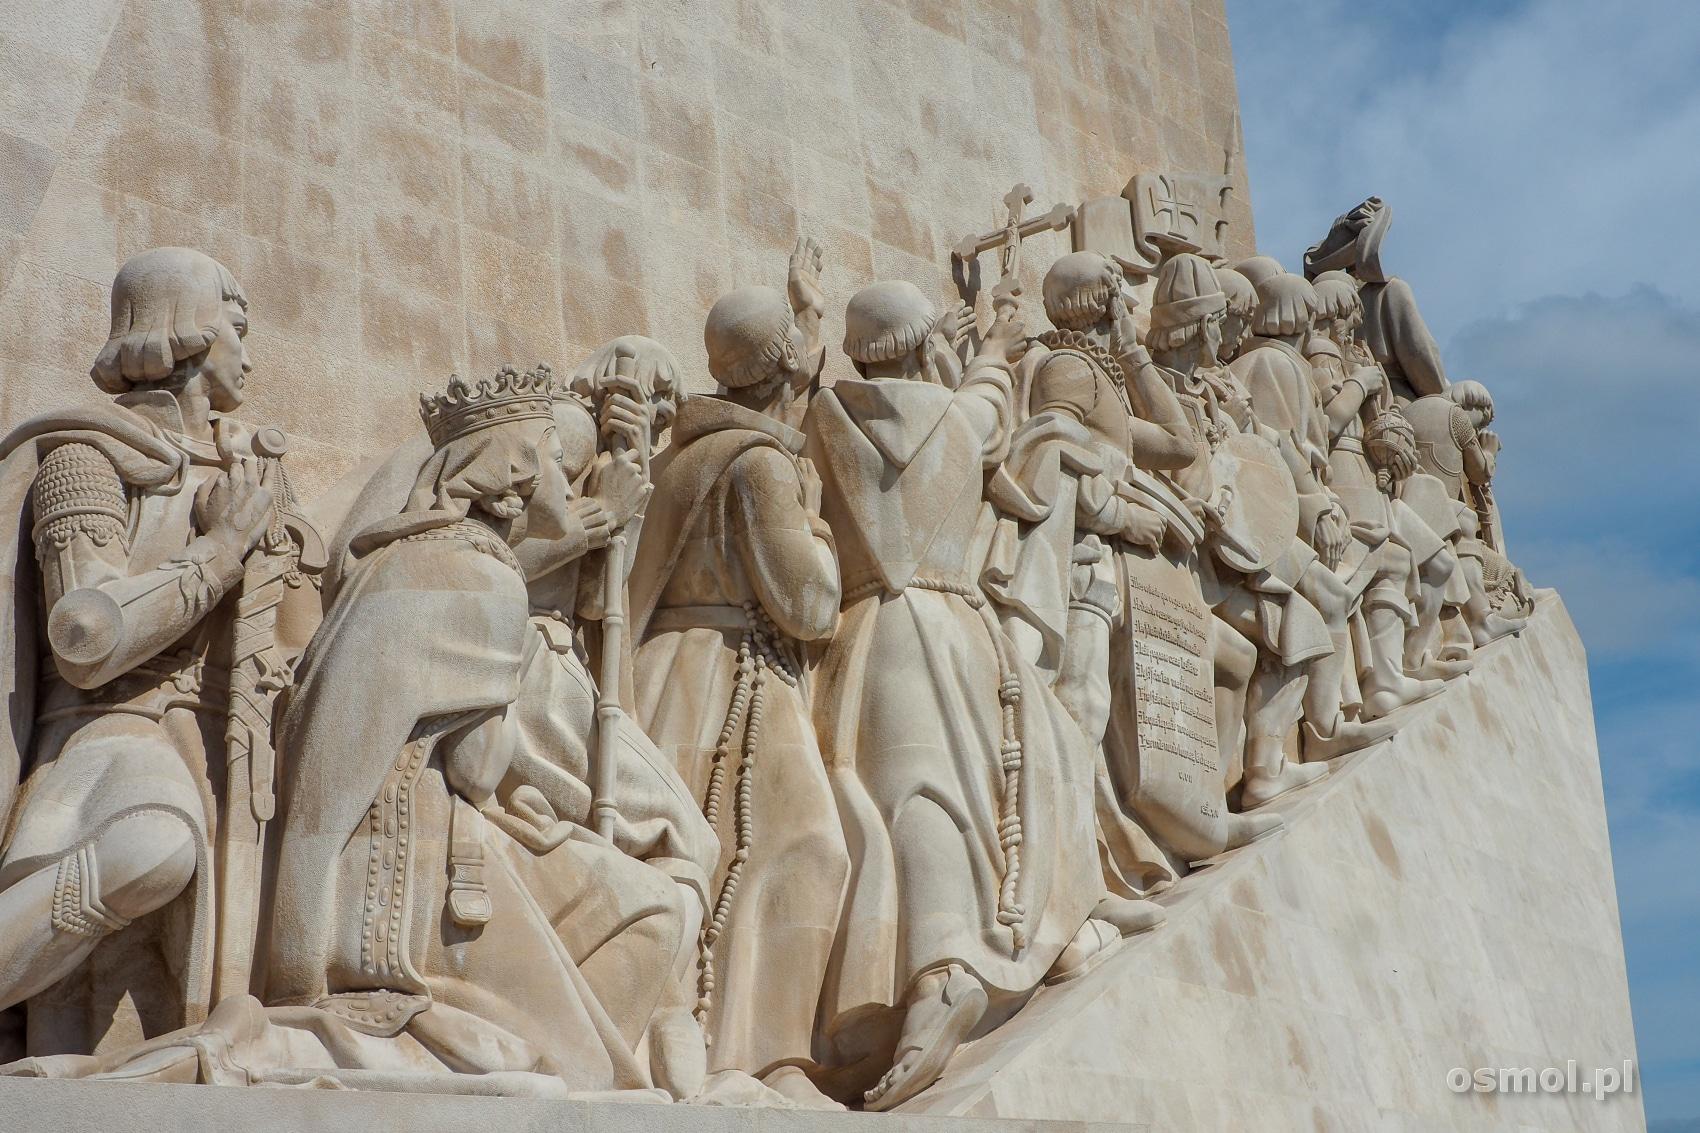 Rzeźby na Pomniku Odkrywców w Lizbonie